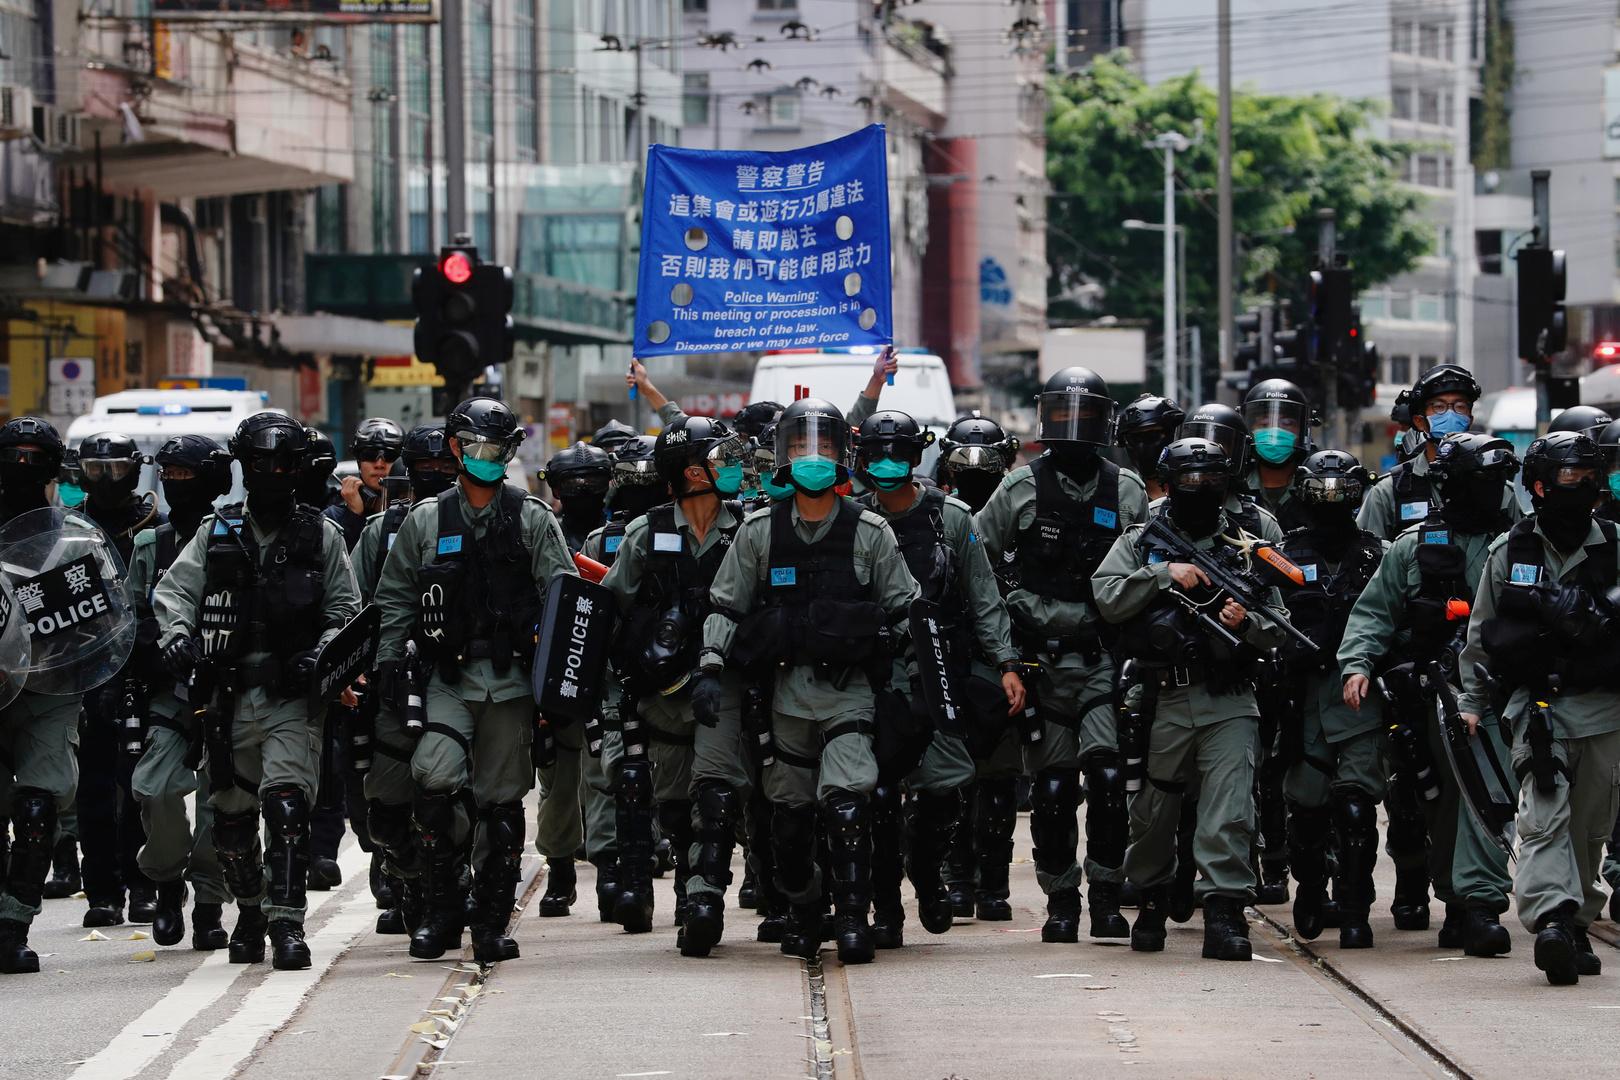 شرطة هونغ كونغ تعتقل عشرات الأشخاص بعد دخول قانون الأمن الصيني حيز التنفيذ